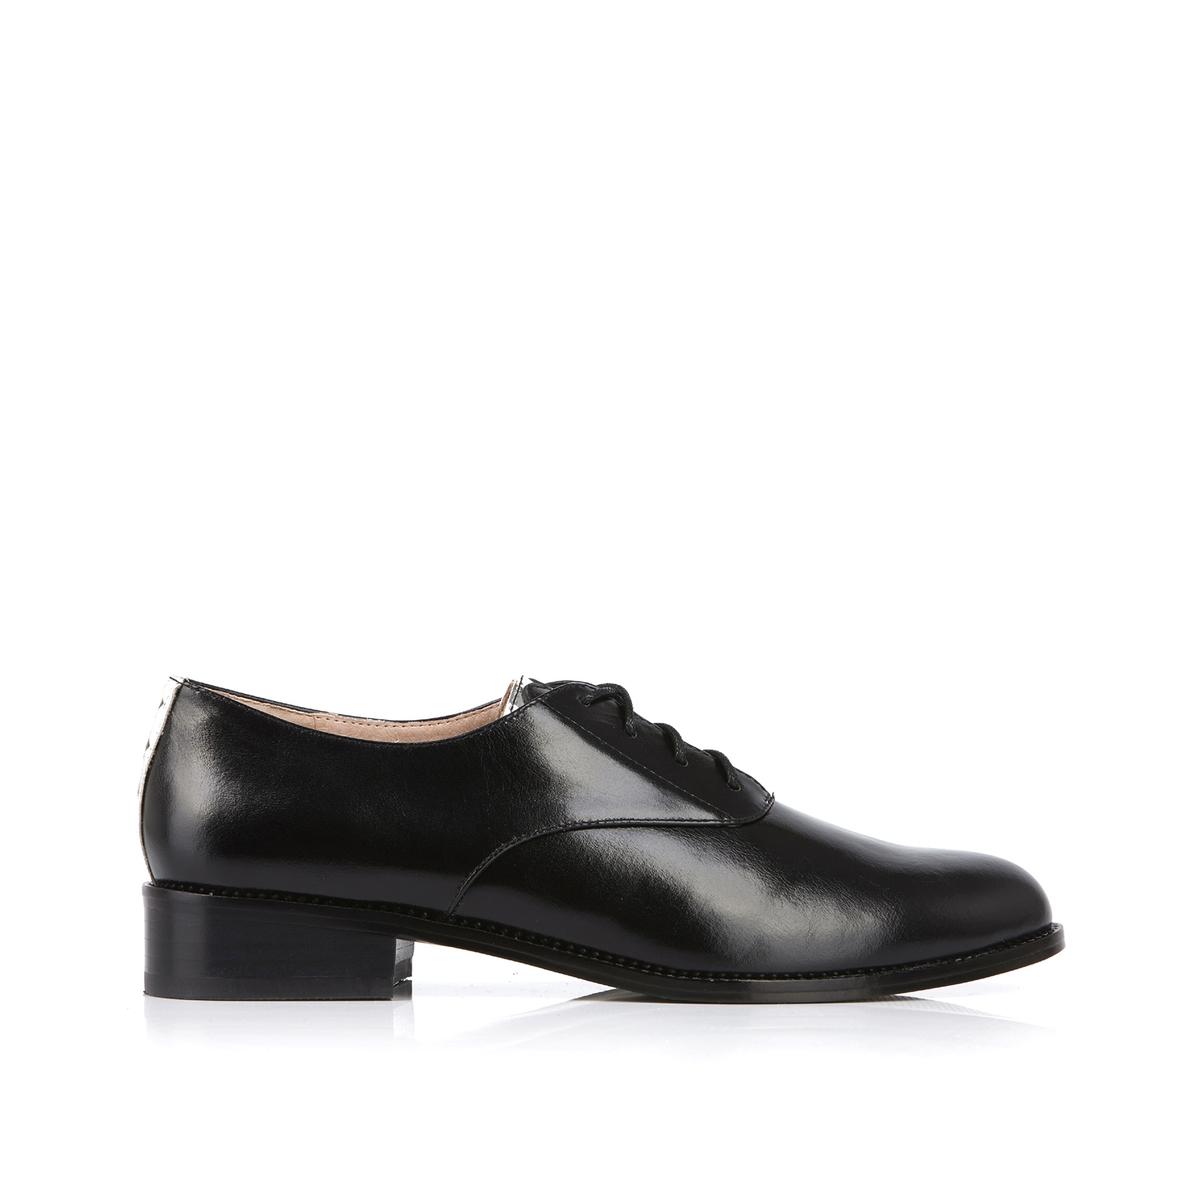 Sapatos derbies em pele, Cea